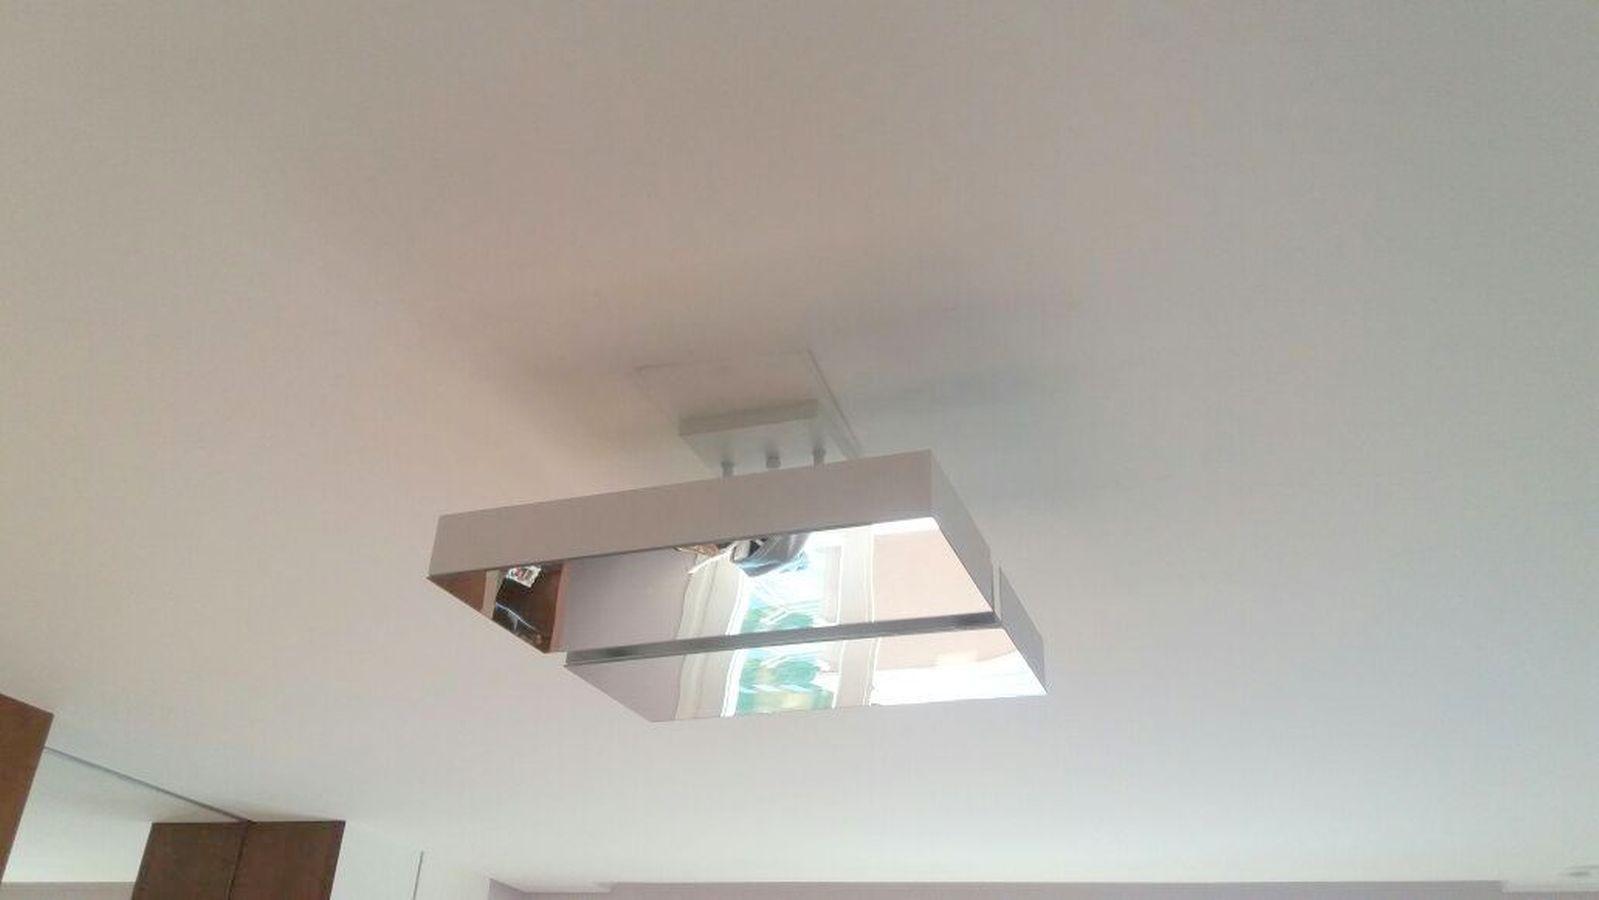 Plafon Rebatedor Vazado Quadrado Espelhado 50 cm Branco Quarto Sala de Estar Living